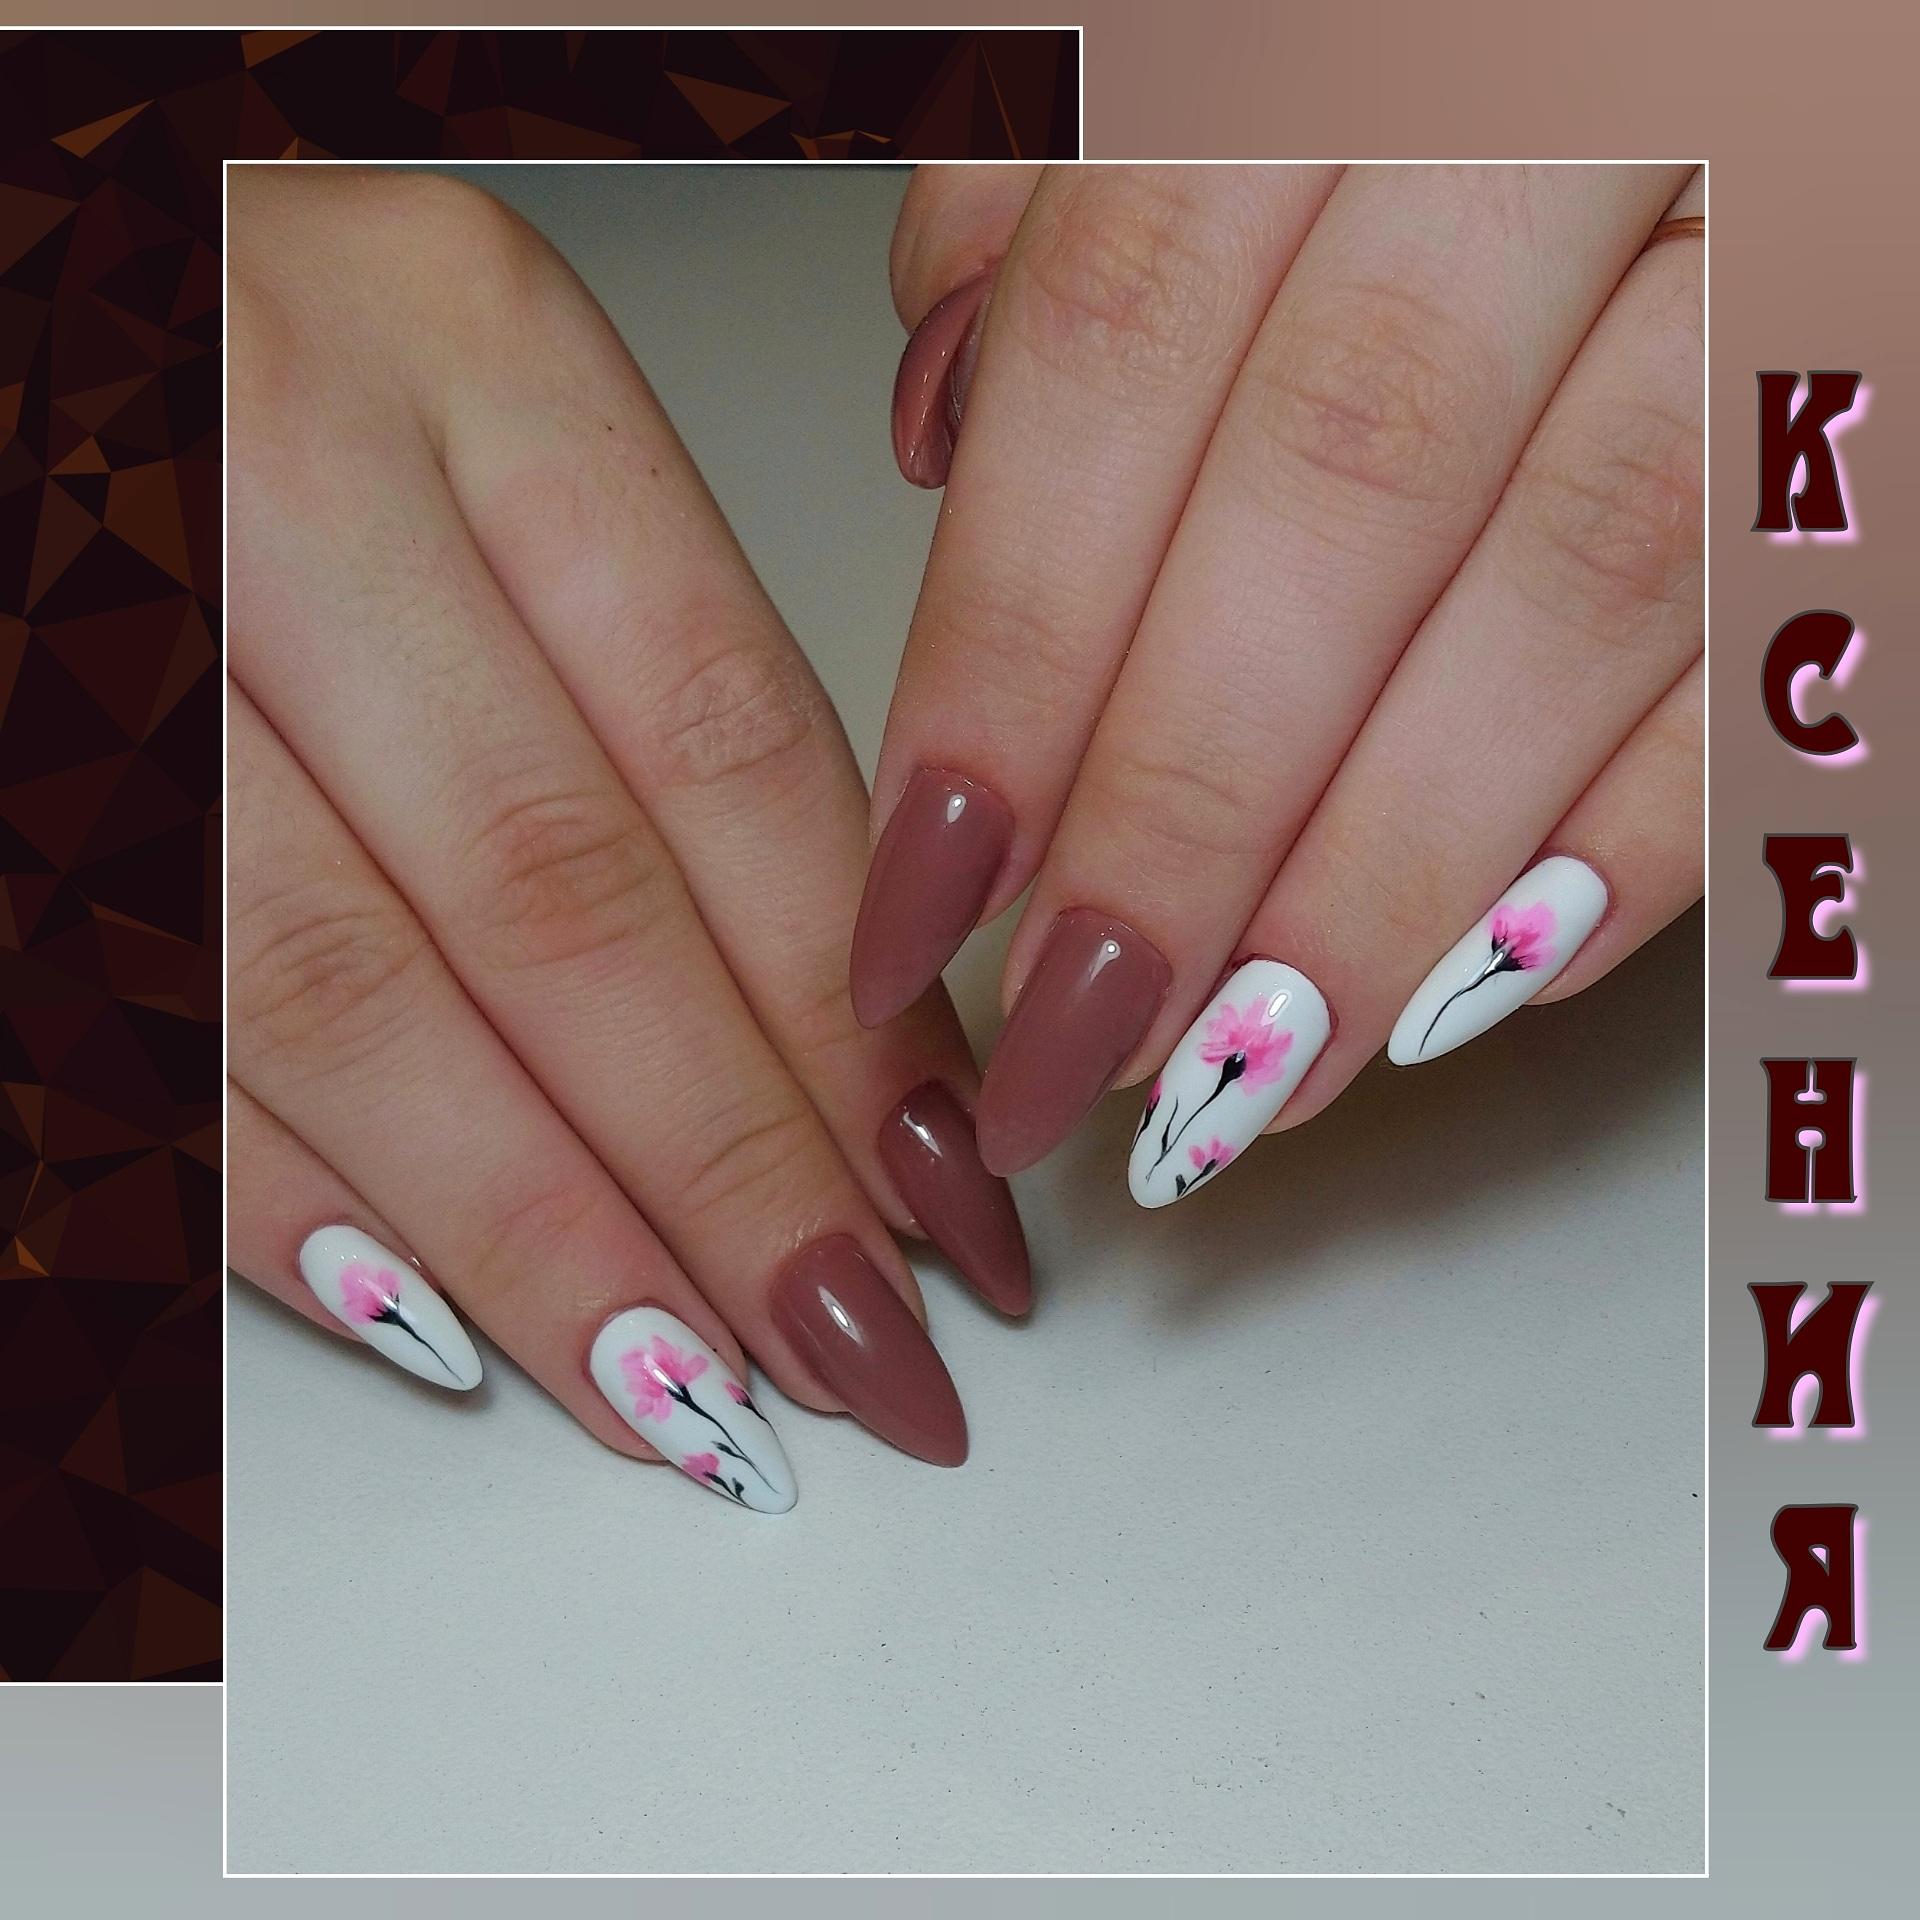 Маникюр с цветочным рисунком в коричневом цвете на длинные ногти.